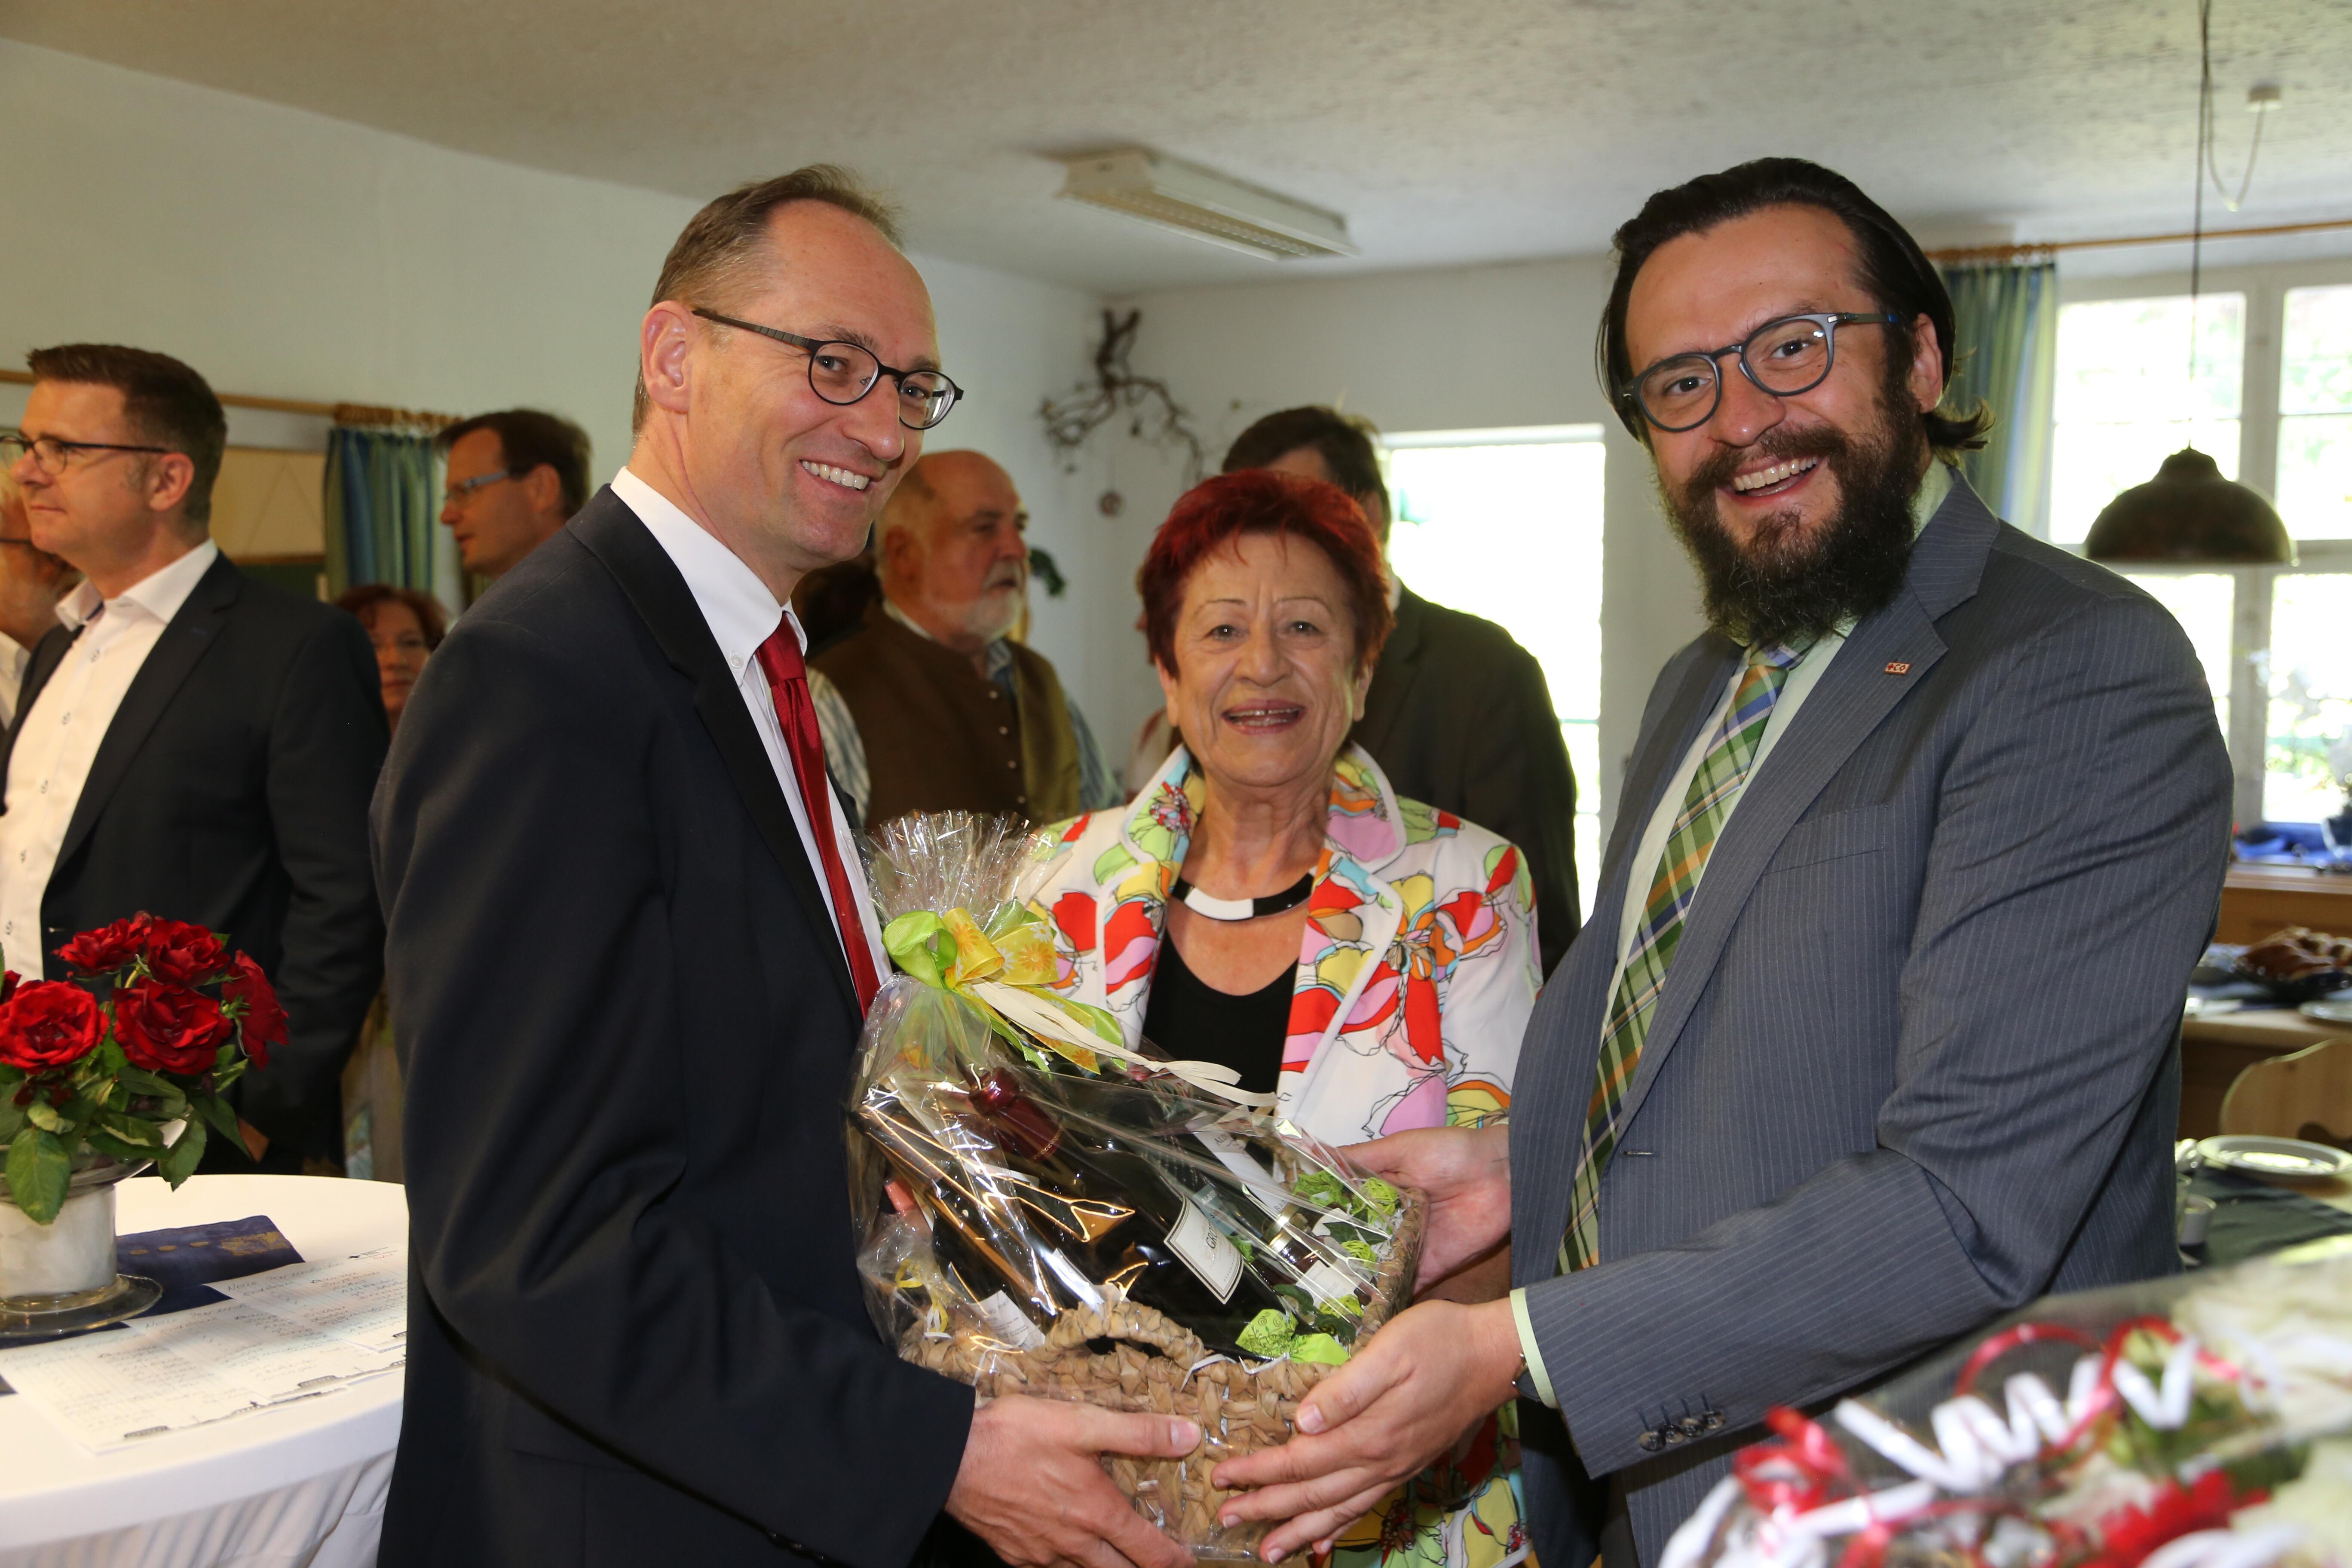 Auch Vorsitzender Bernhard Seidenath, MdL und Kreisgeschäftsführer Paul Polyfka gratulieren von Herzen